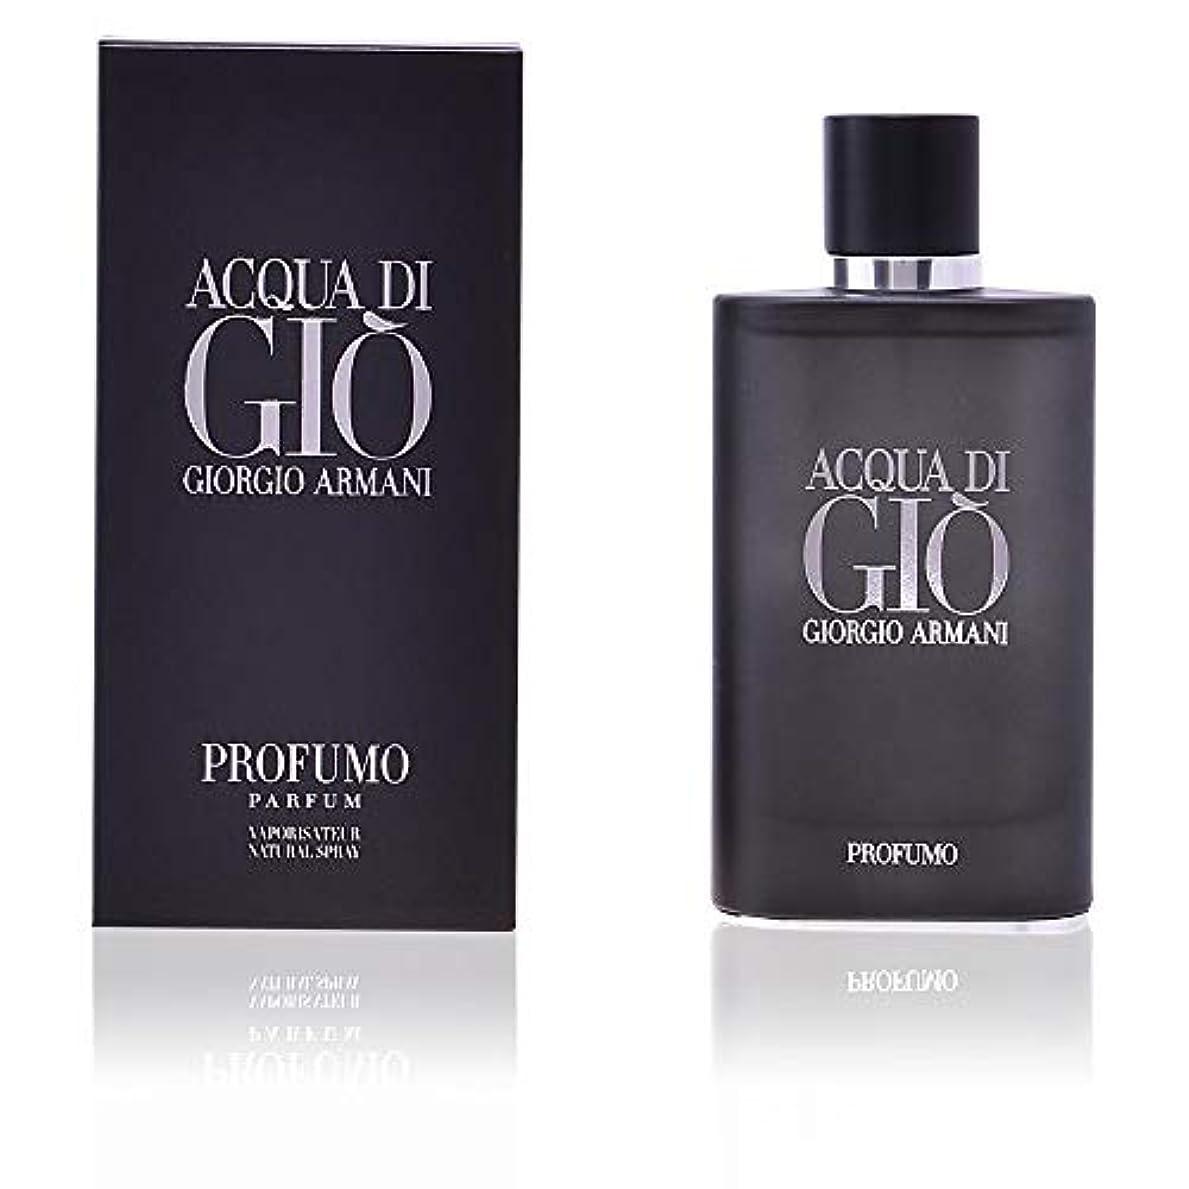 ロマンス請願者失礼なジョルジオアルマーニ Acqua Di Gio Profumo Parfum Spray 75ml [海外直送品]